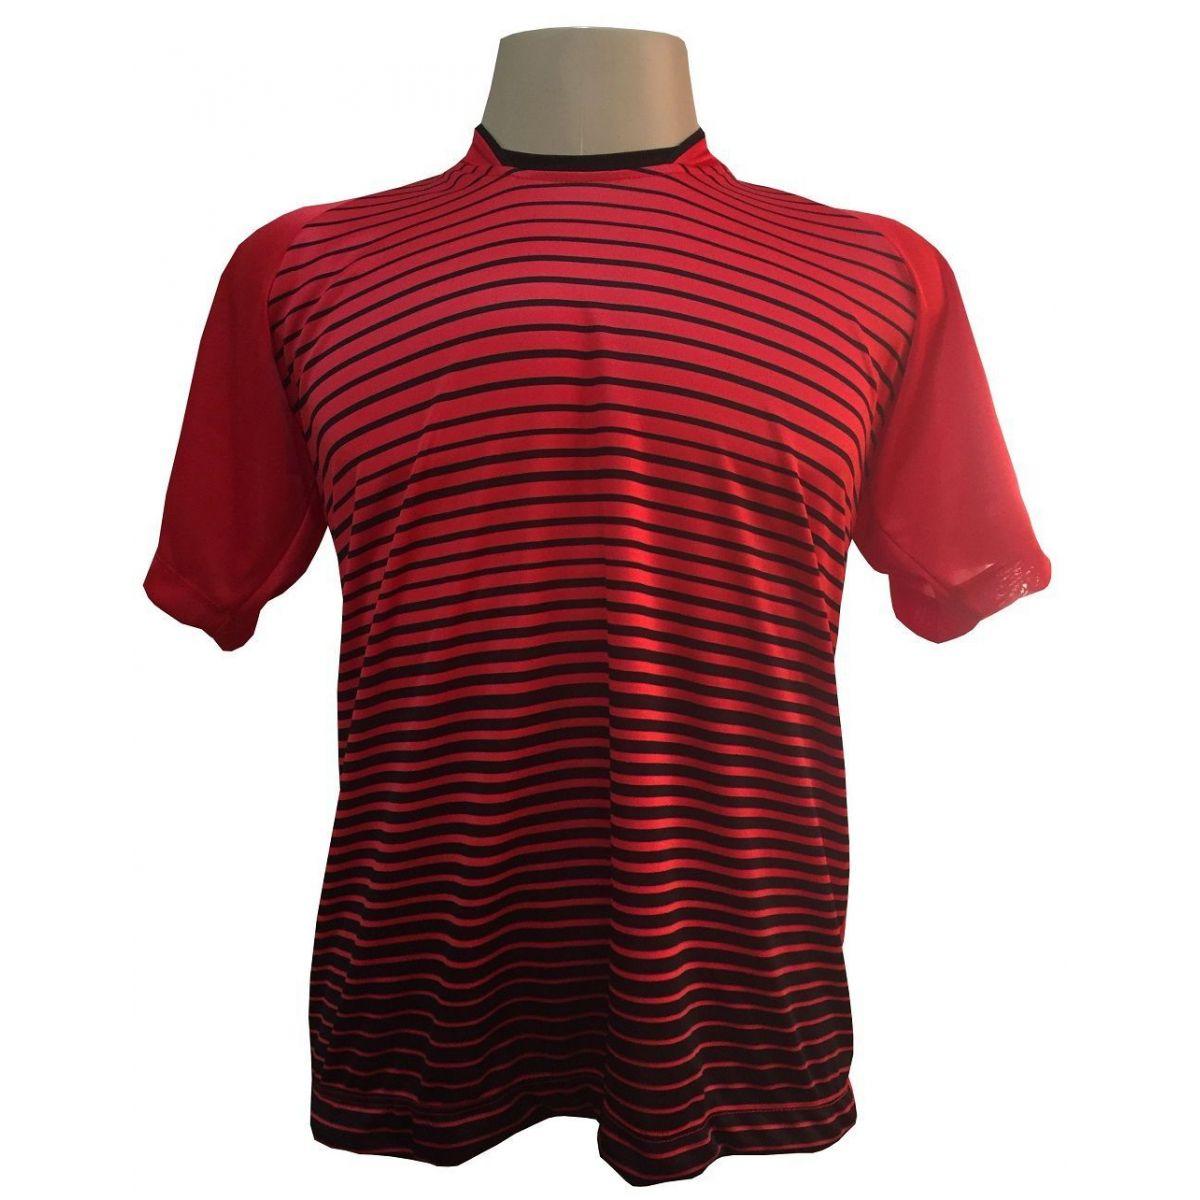 Uniforme Esportivo com 12 camisas modelo City Vermelho/Preto + 12 calções modelo Copa Preto/Vermelho + Brindes